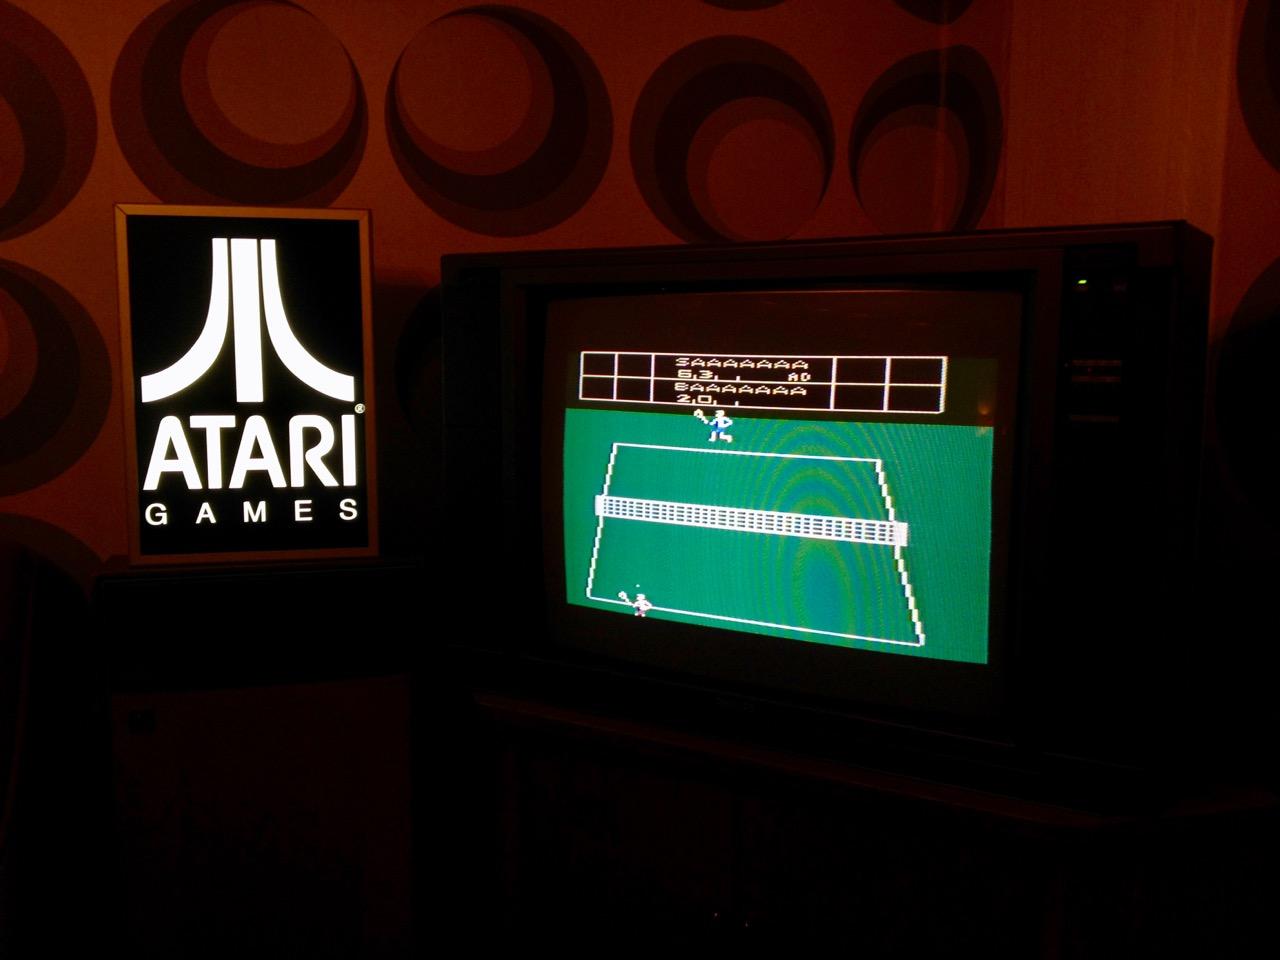 Real Sports Tennis auf dem Atari 2600 kann in einer gemütlichen Sitzecke gespielt werden. (Bild: André Eymann)